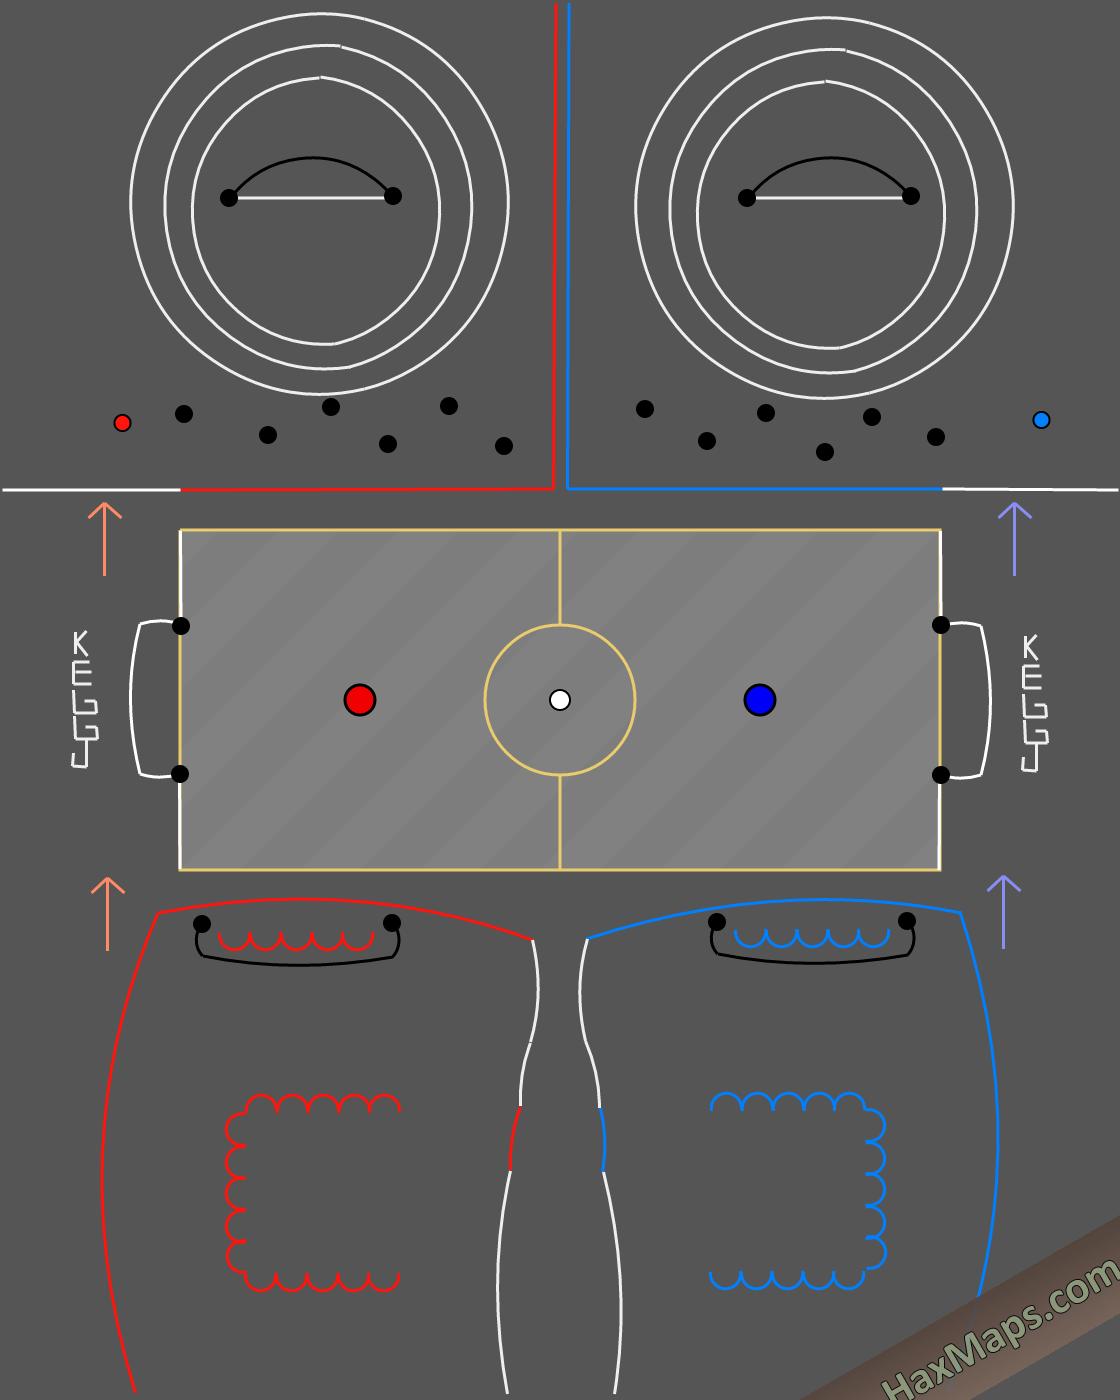 hax ball maps | ProfessionalFutsalBYKEGGJ - Soyunma Salonu - Yedek Kulübesi - Antrenman Sahası - Süpersonic Futsal Map